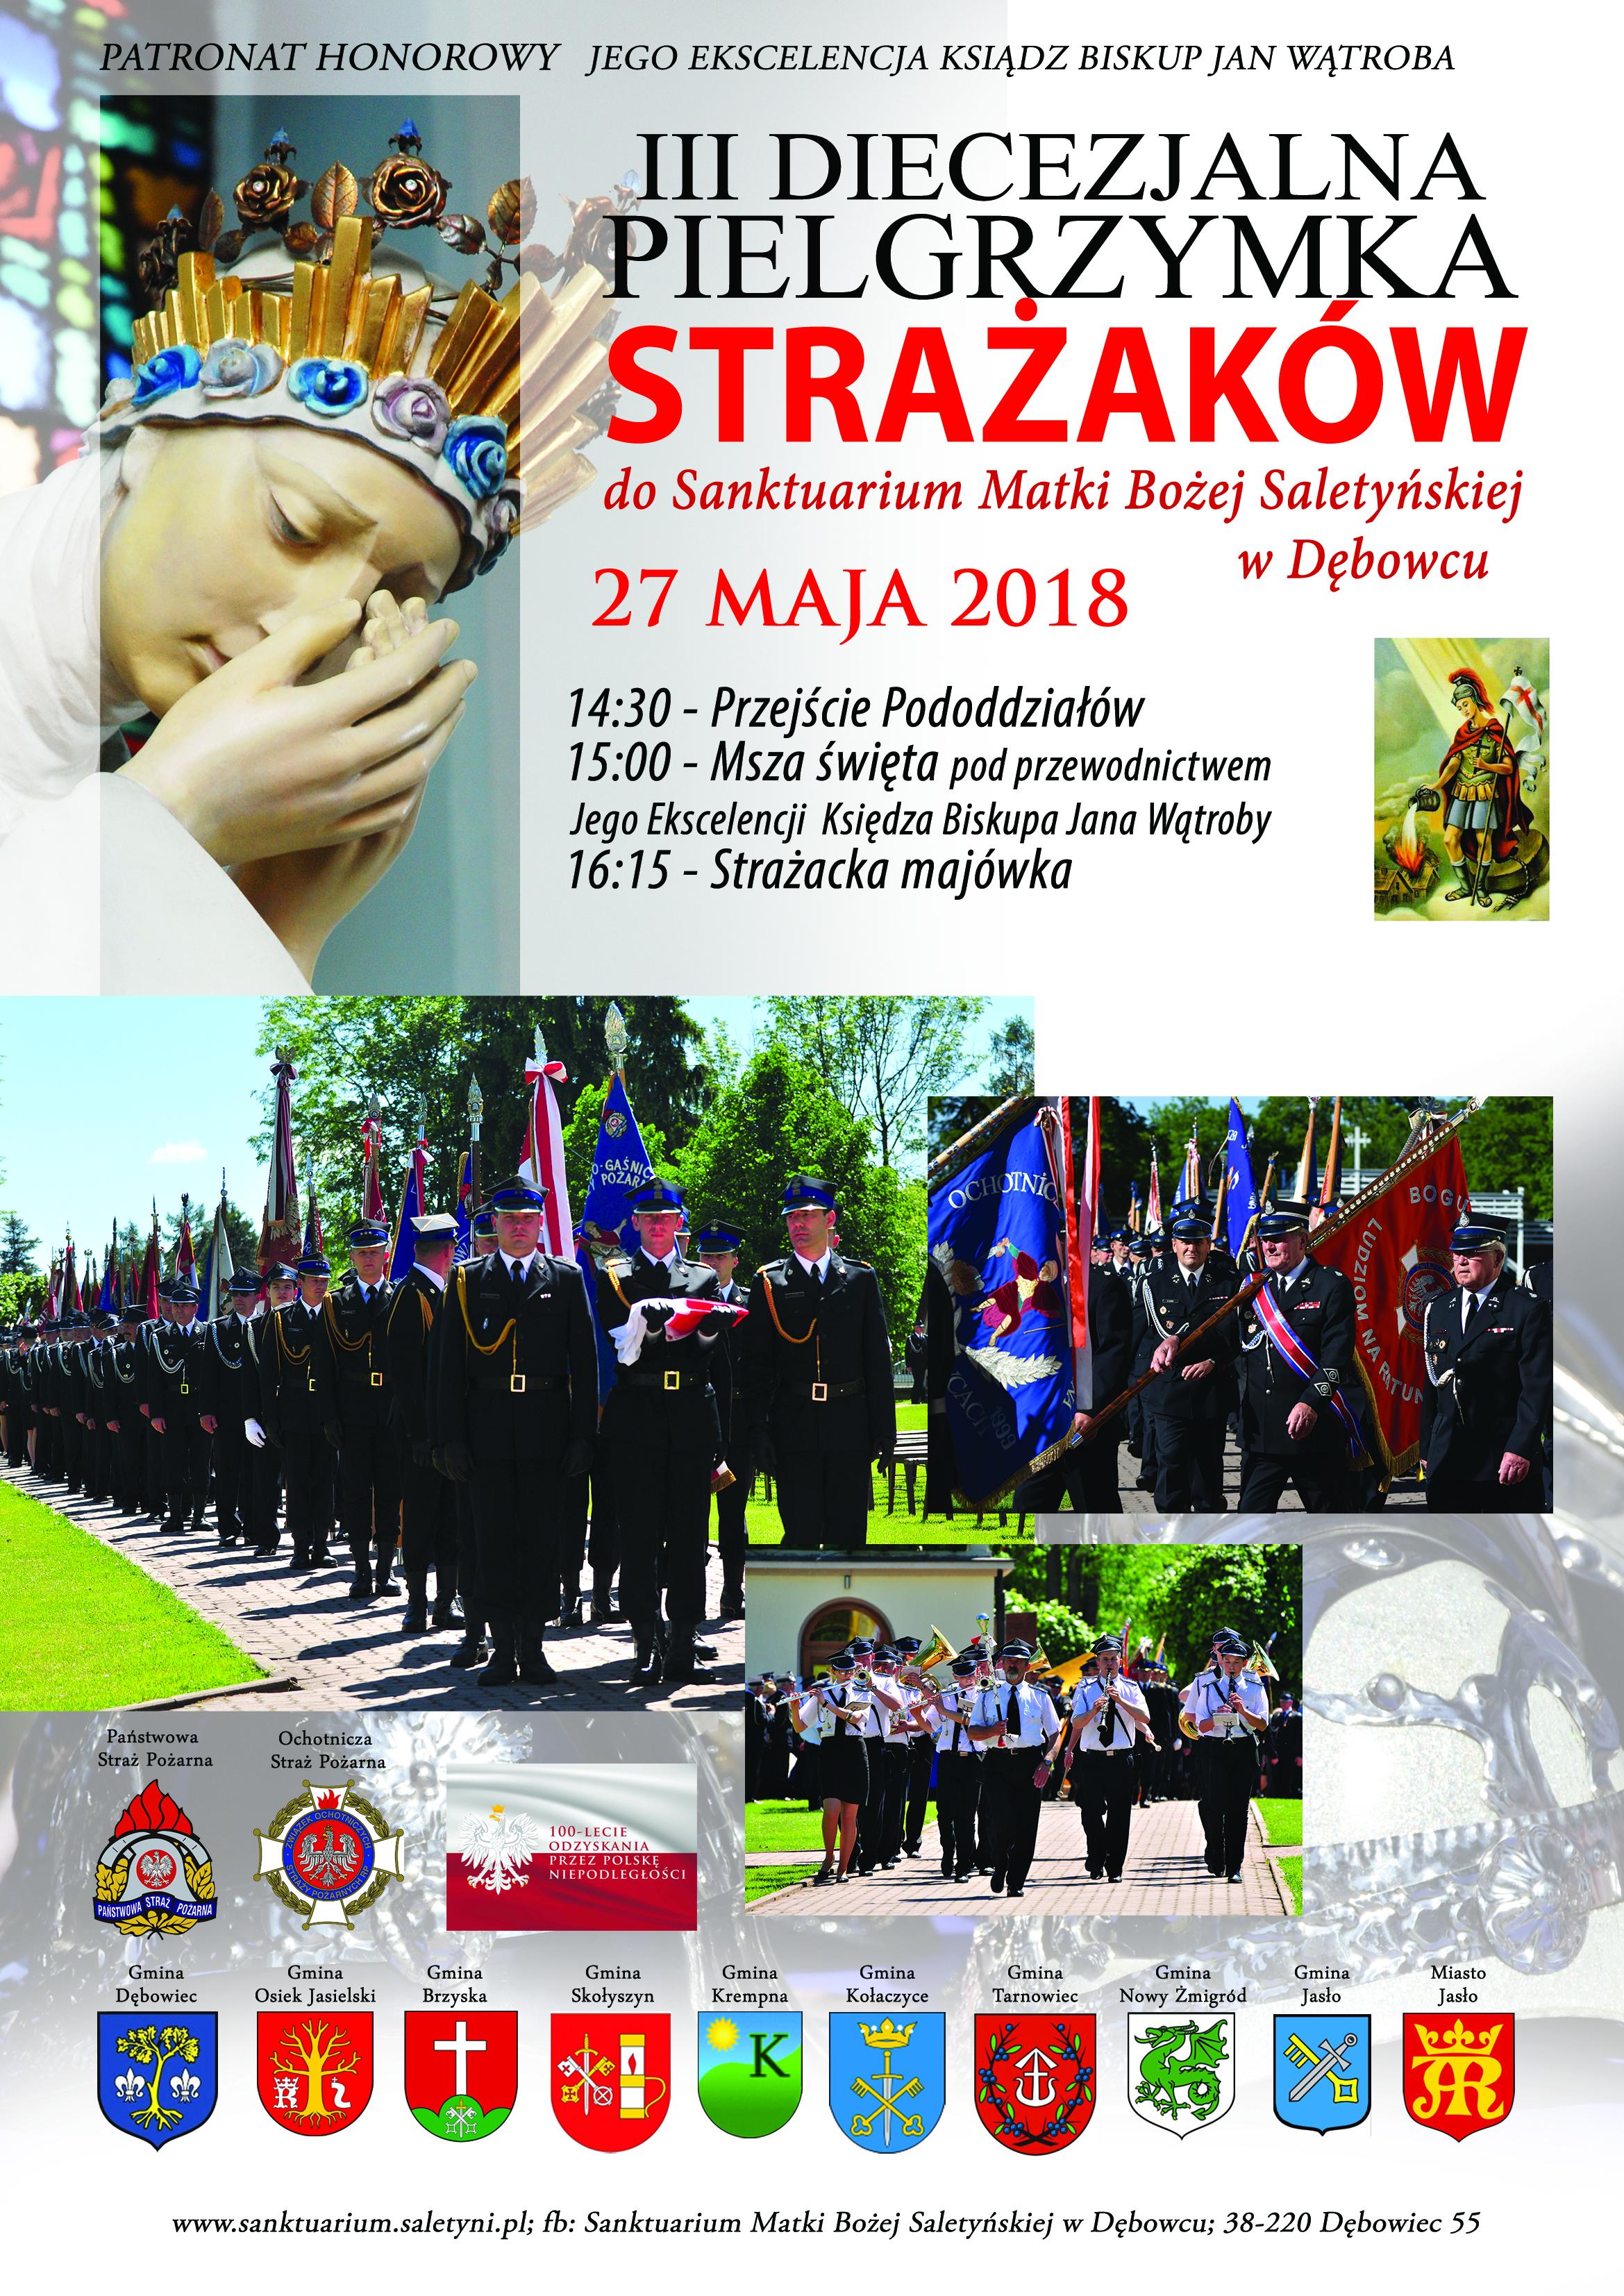 plakat pielgrzymki strażaków dodębowca2018